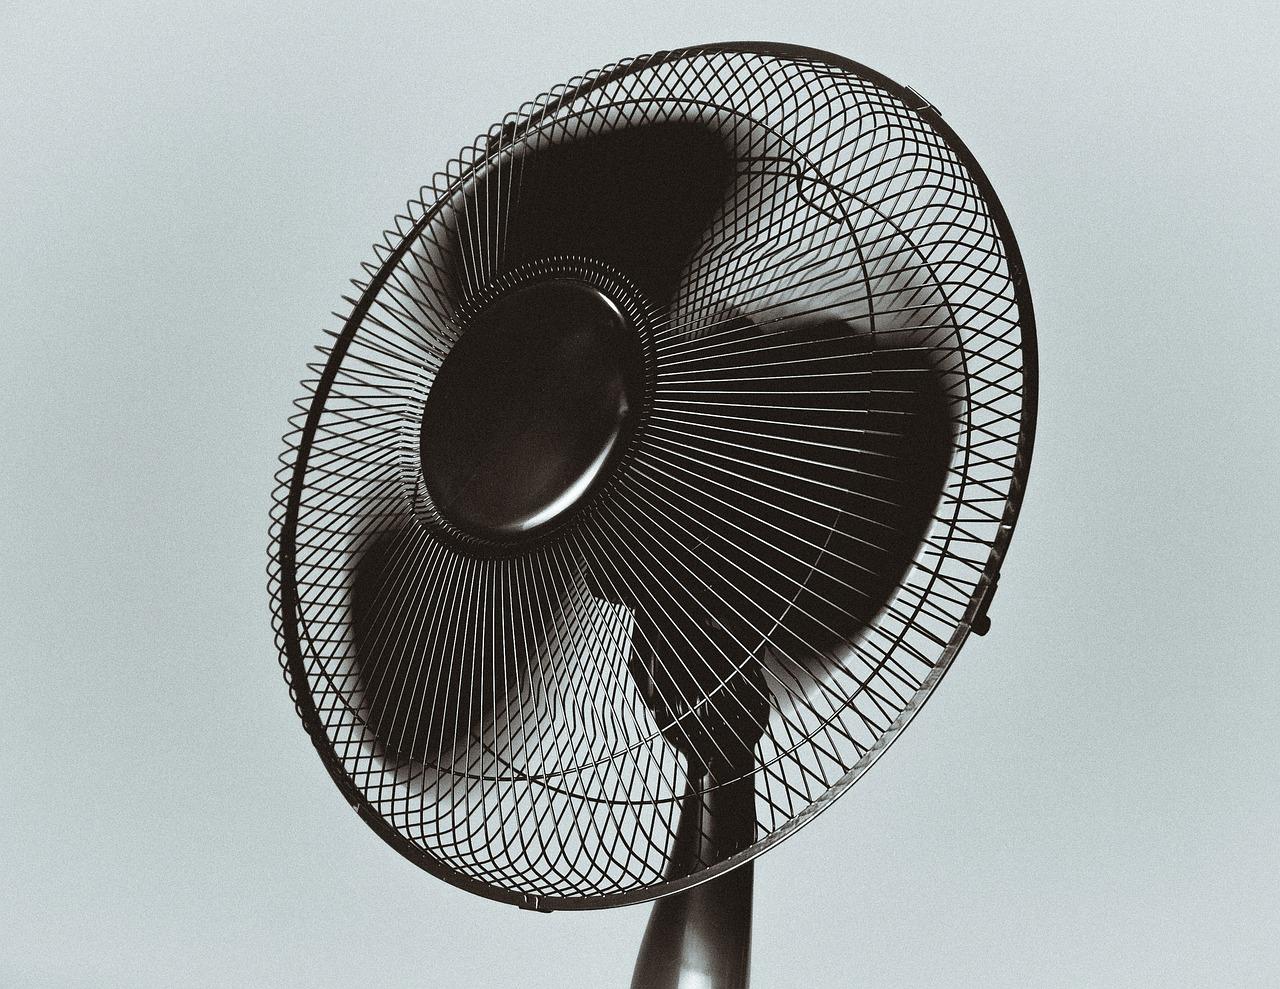 Ventilateur, la solution miracle?